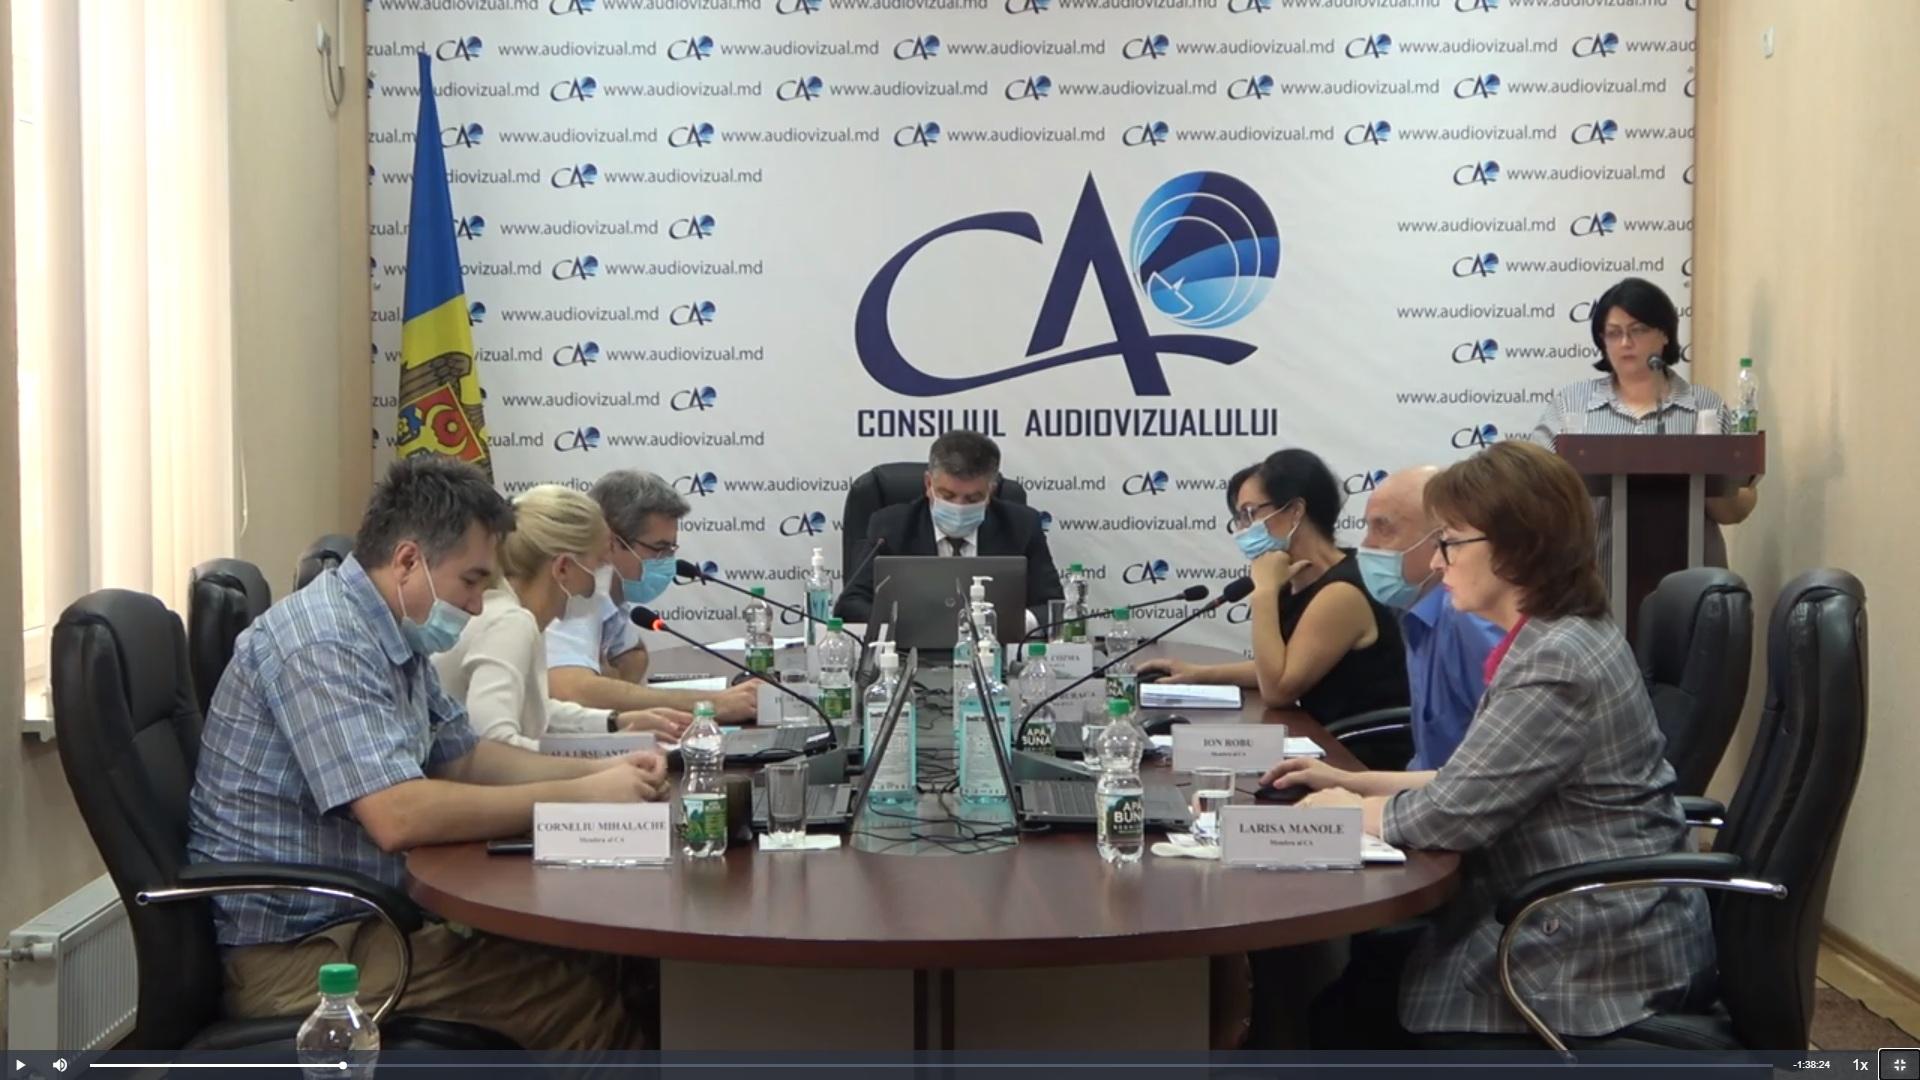 Primele șase petiții expediate la CA în baza plângerilor telespectatorilor, examinate de membrii Consiliului